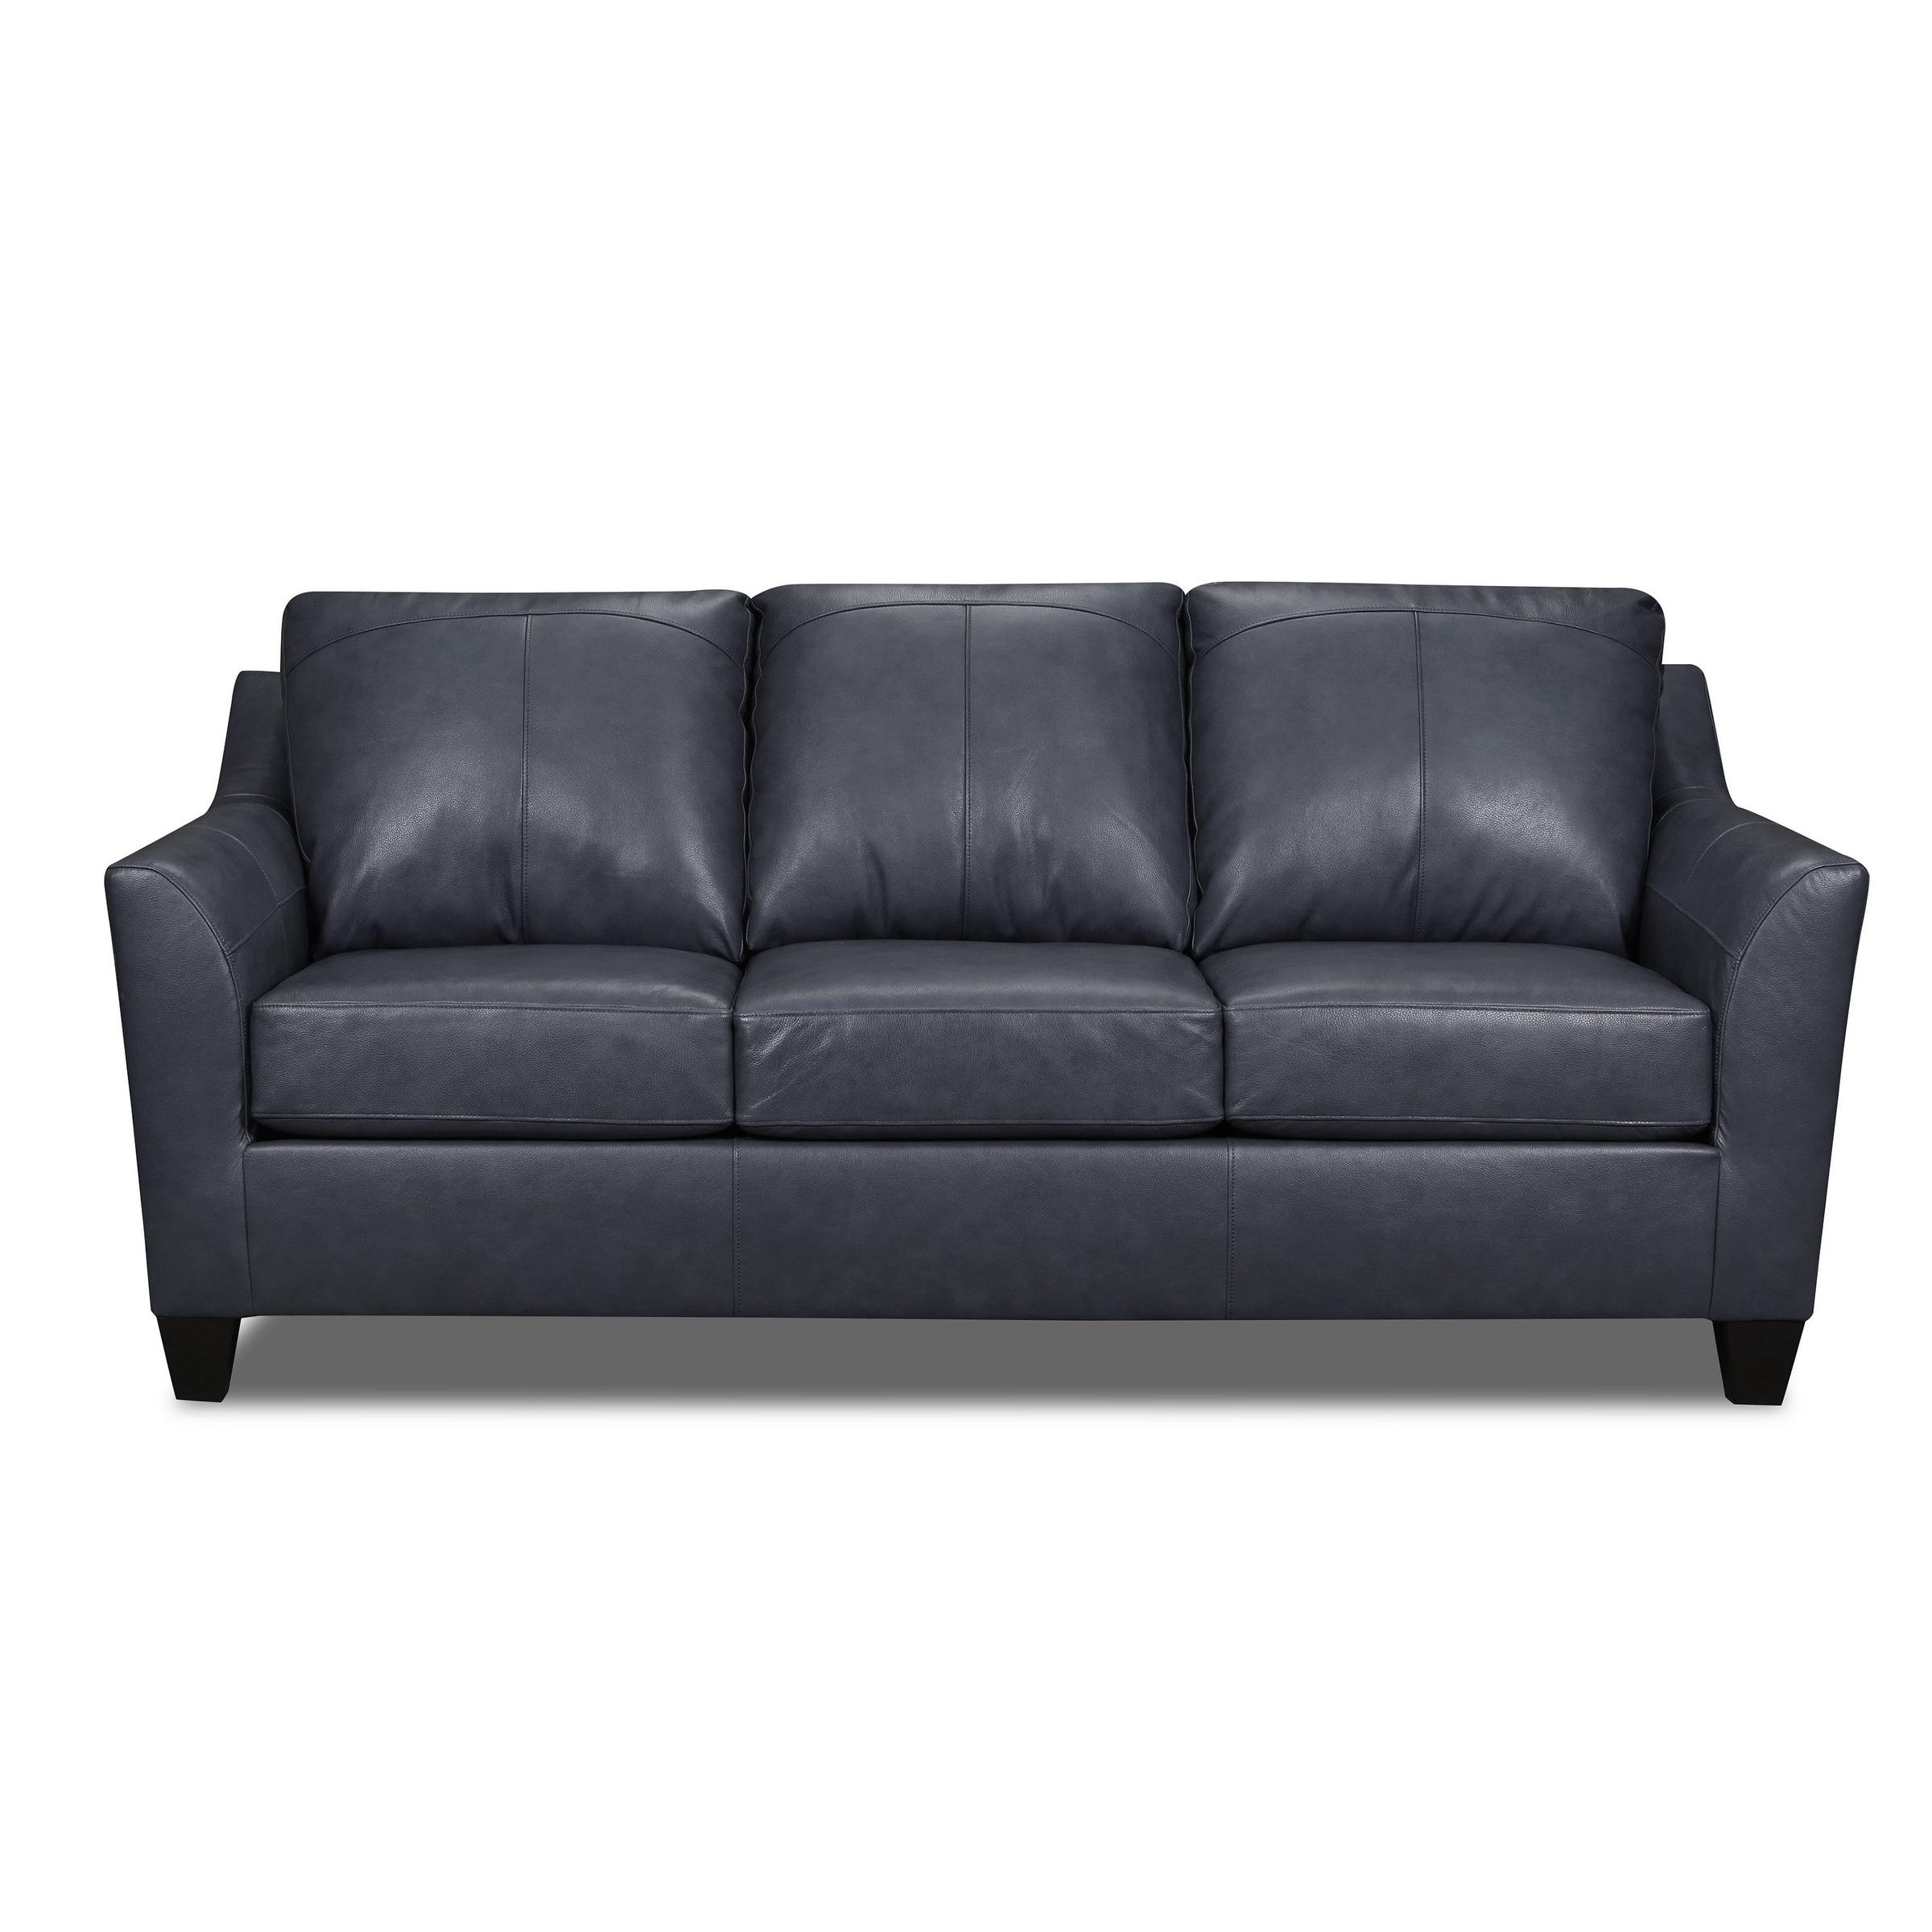 Shop Black Friday Deals On Lance Top Grain Leather Queen Sleeper Sofa Overstock 25627680